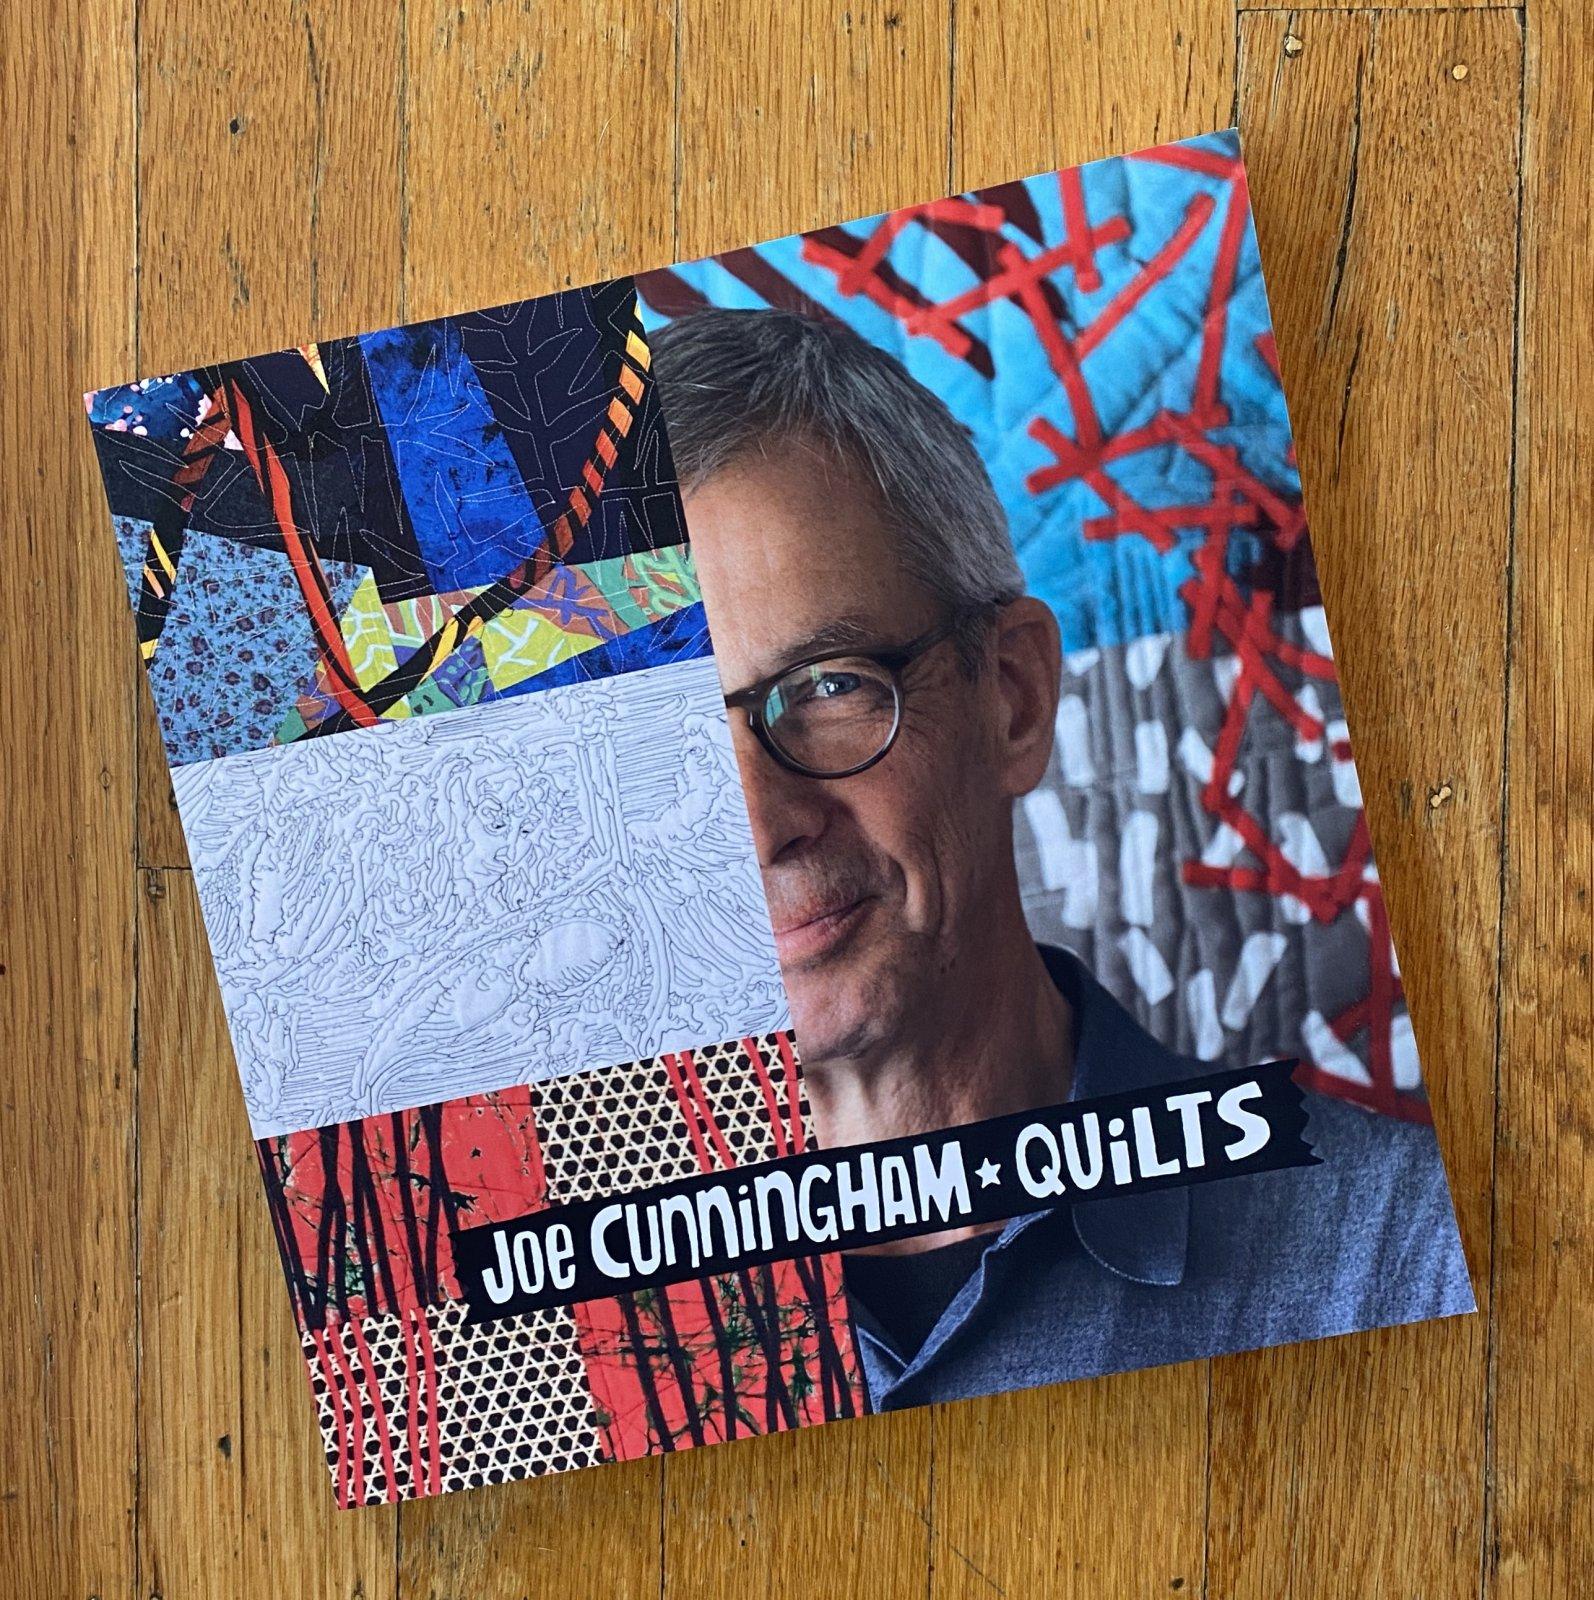 Joe Cunningham, Quilts Book